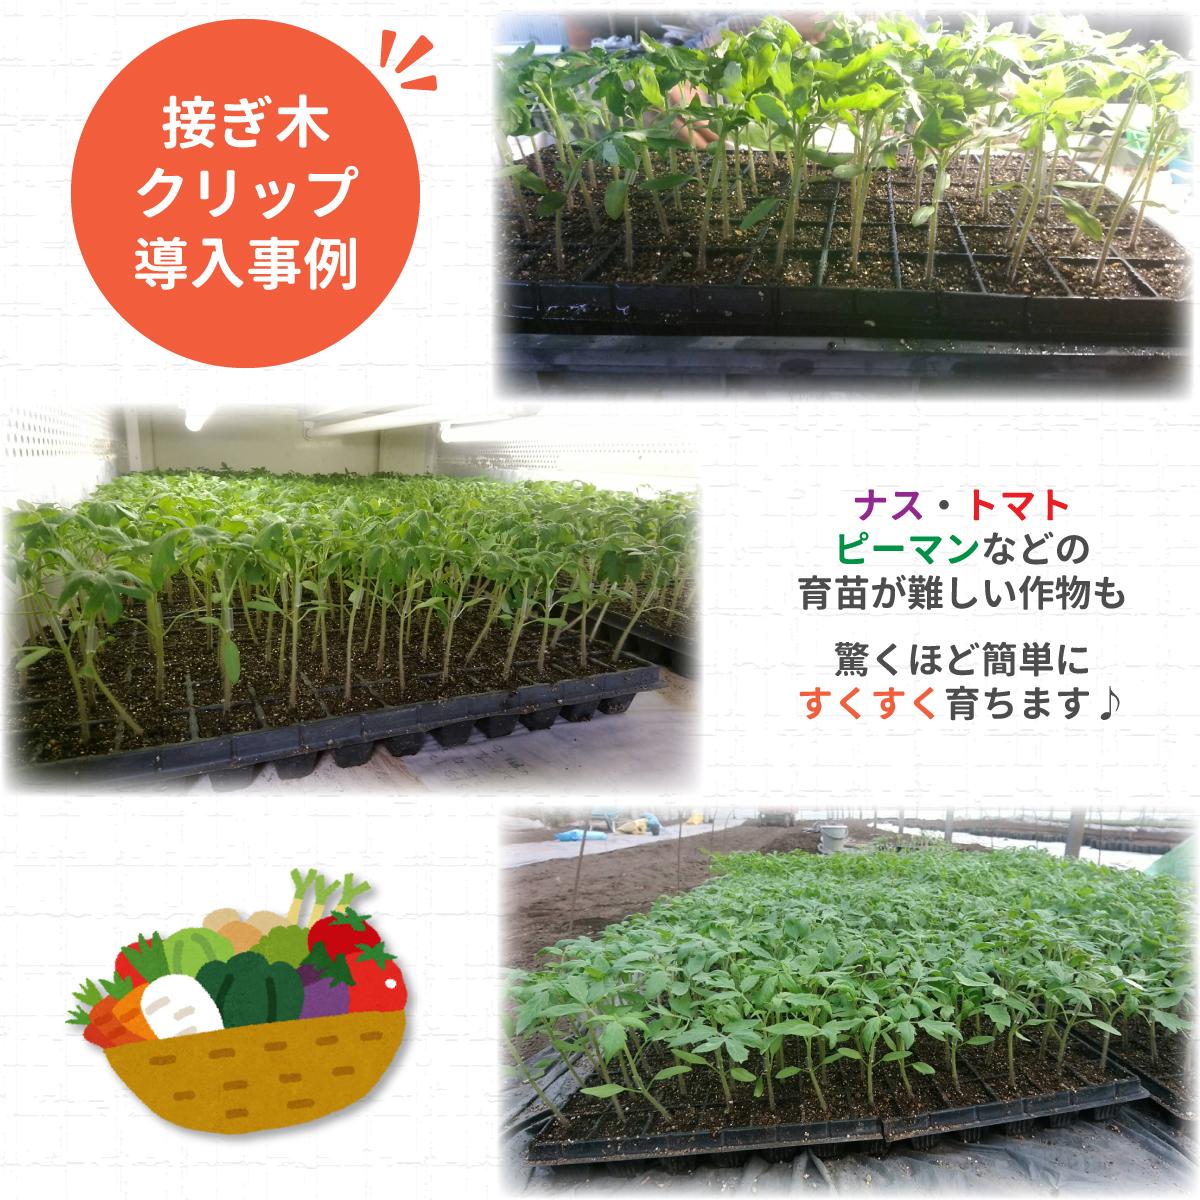 接ぎ木クリップ 100個入 | オリジナル園芸資材販売|株式会社RIRAI